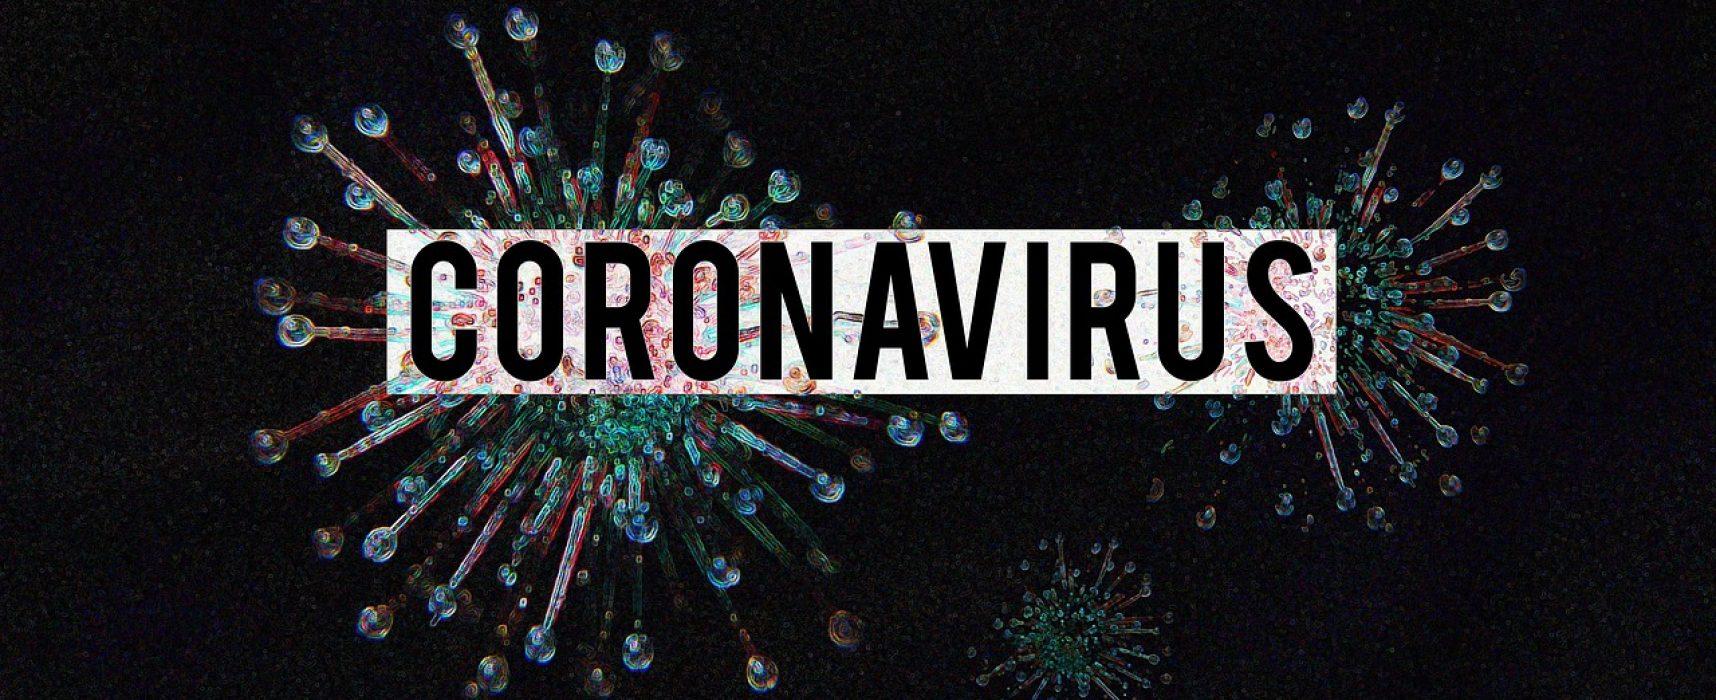 «Вирусная паника»: как социальные платформы боролись с эпидемией фейков о коронавирусе